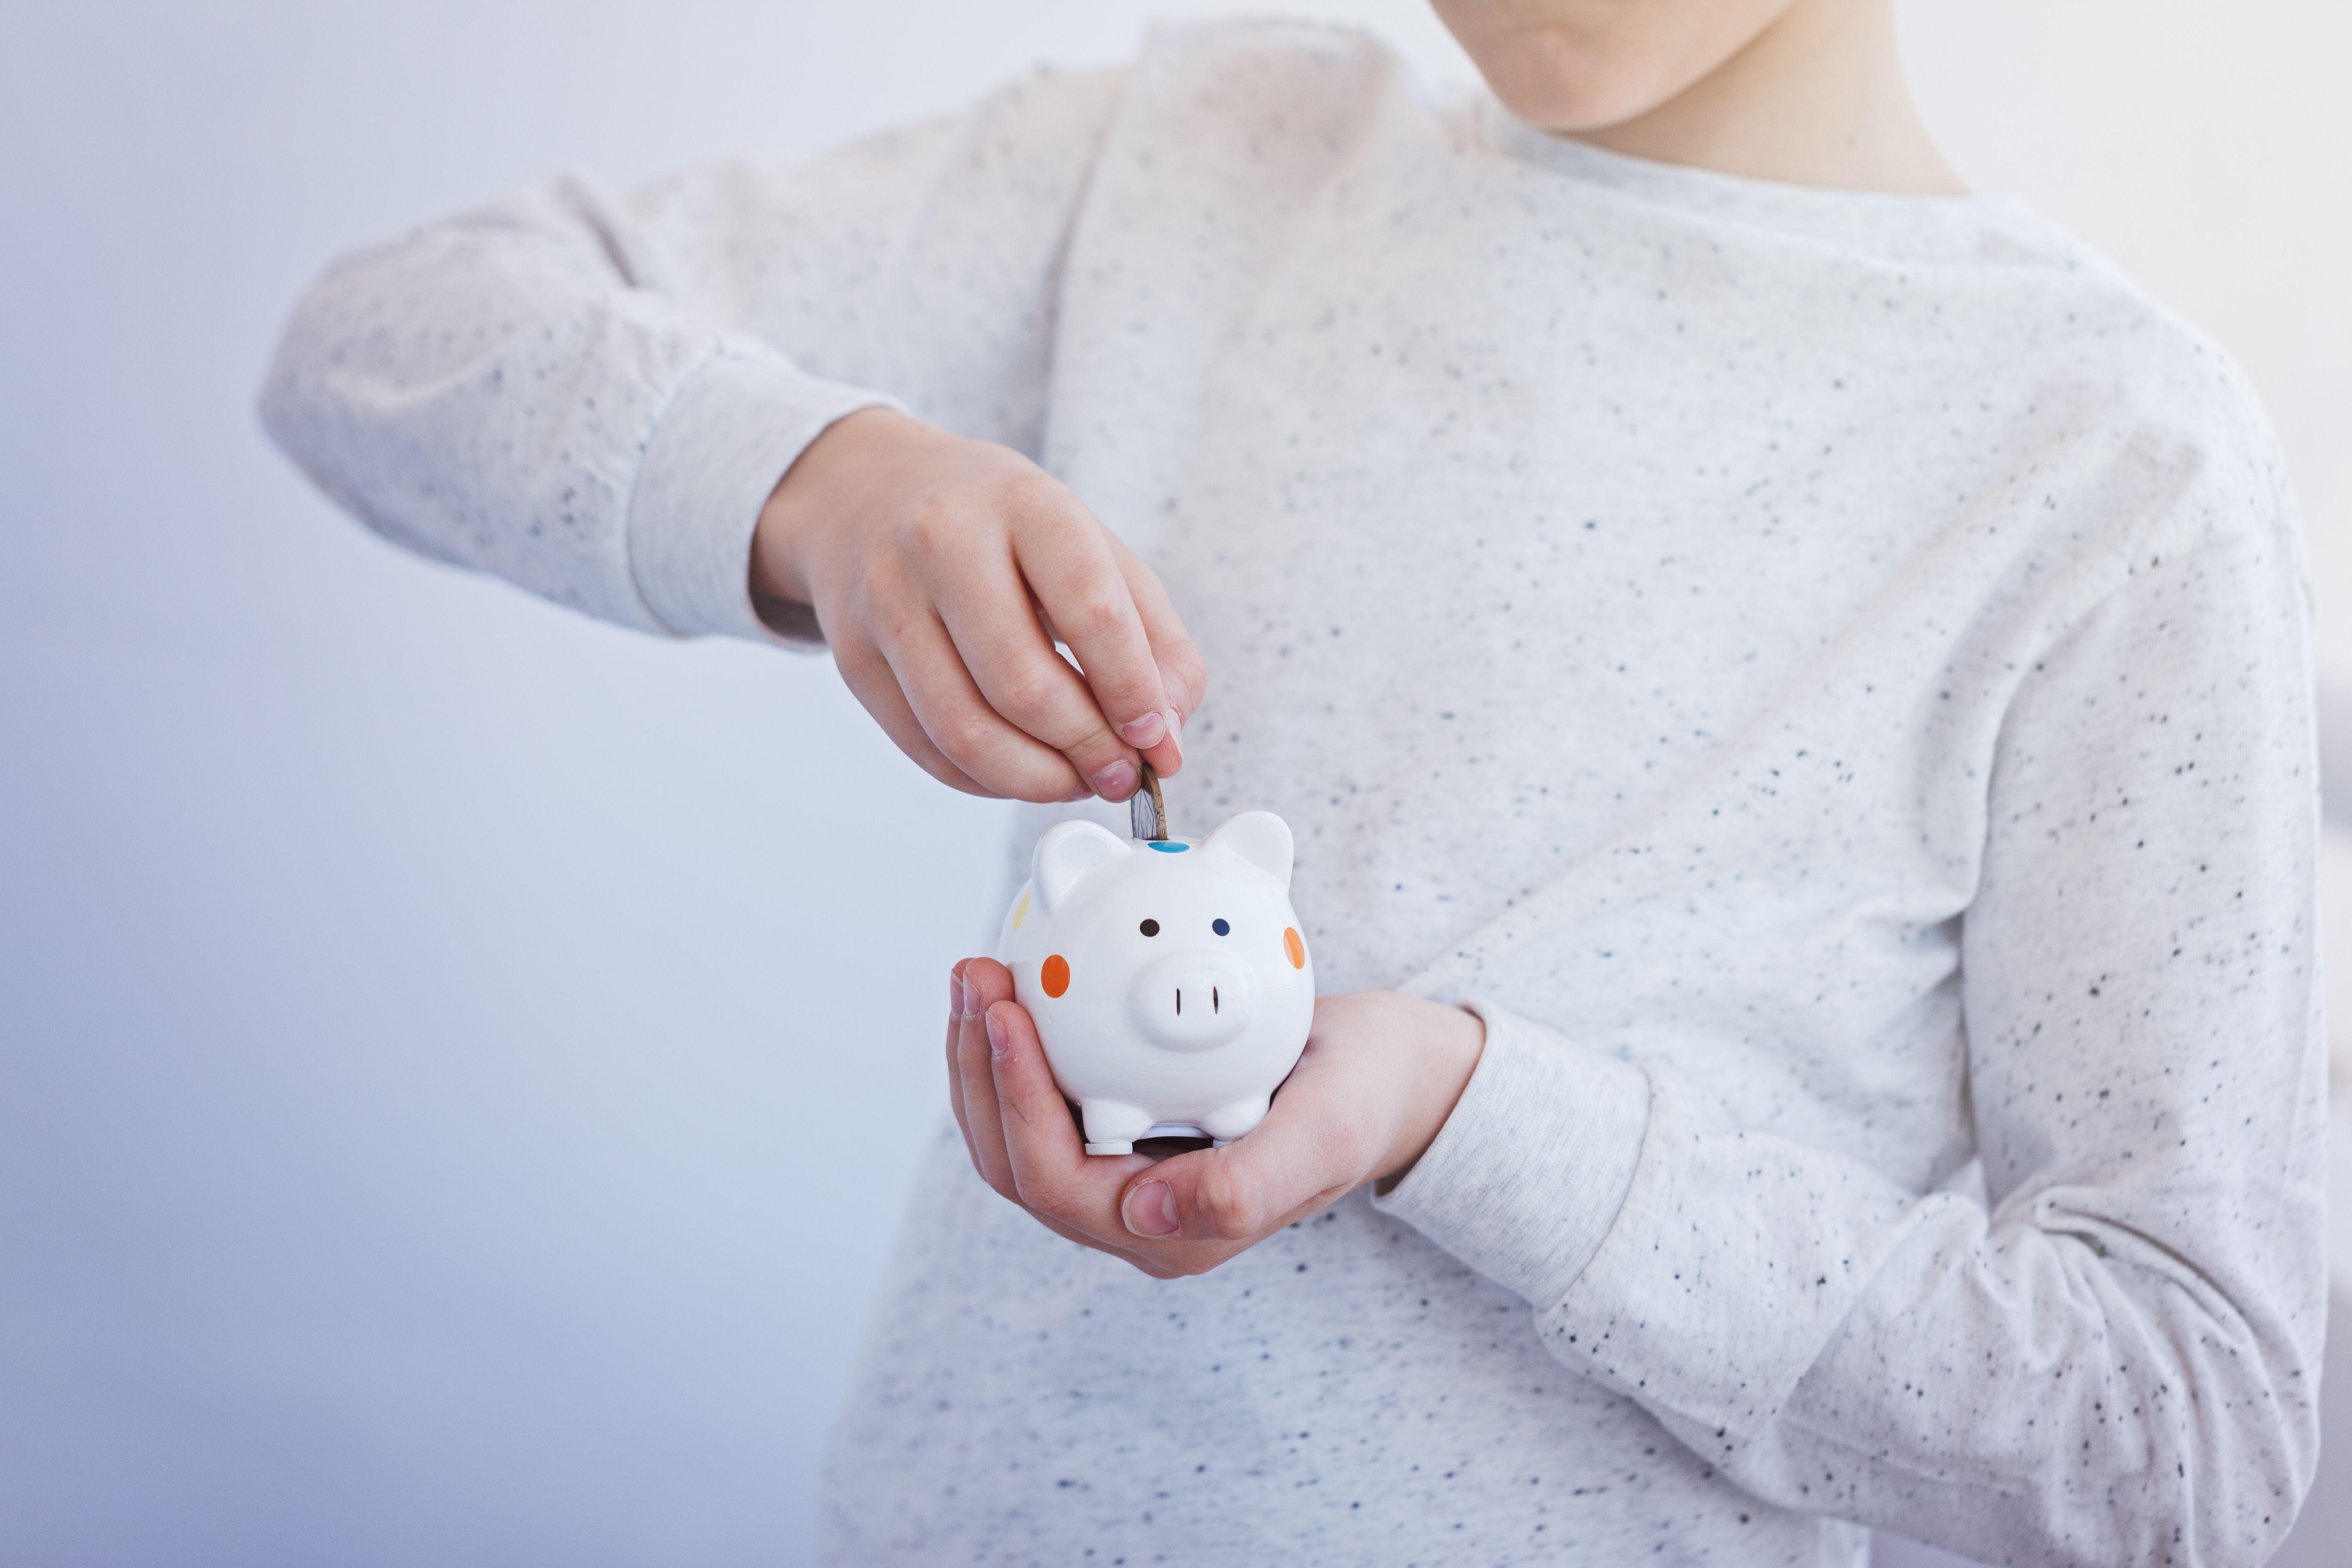 научить ребенка финансовой грамотности